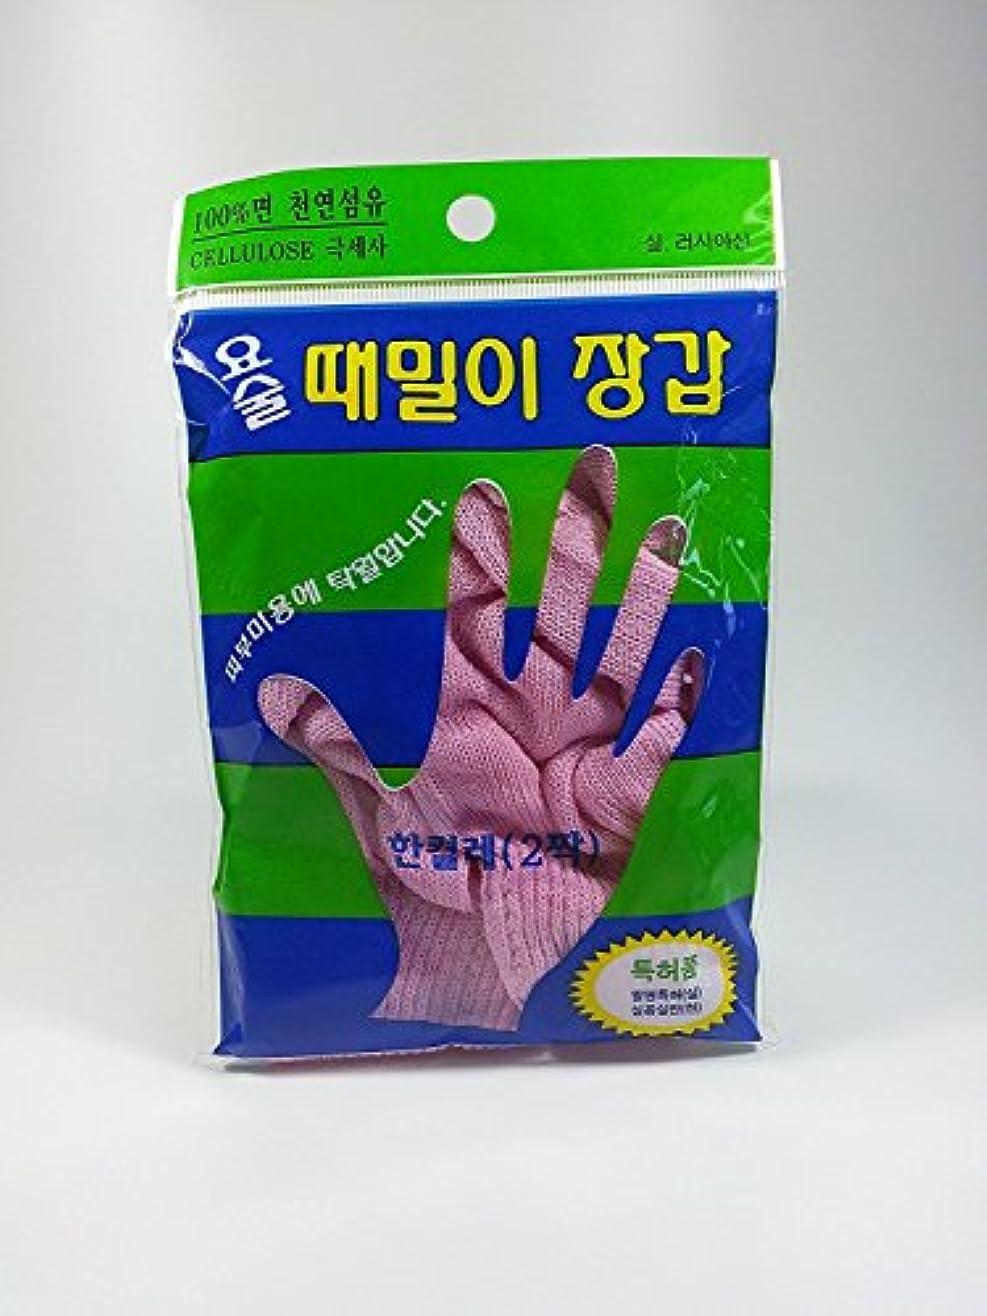 原油明快リップジョンジュン産業 韓国式 垢すり 手袋 バスグローブ 5本指 ボディスクラブ 100% 天然セルロース繊維製 ???? ??????? Magic Korean Body Back Scrub [並行輸入品]